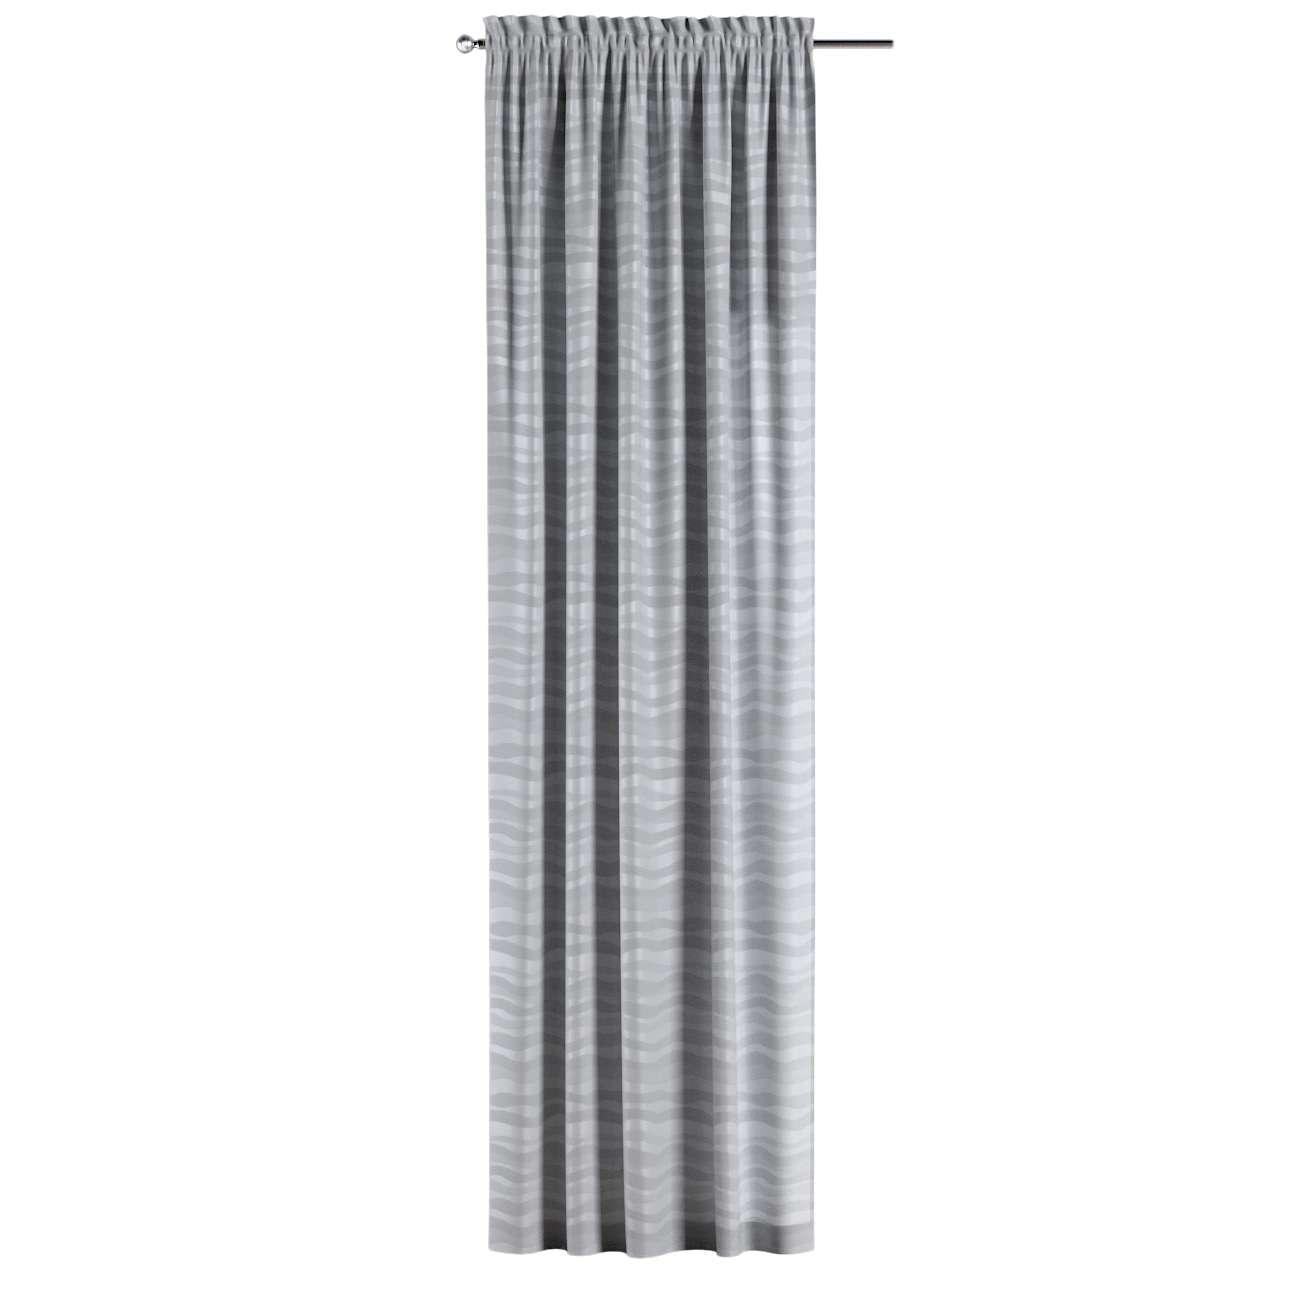 Gardin med løpegang - multibånd 1 stk. 130 × 260 cm fra kolleksjonen Damasco, Stoffets bredde: 141-72